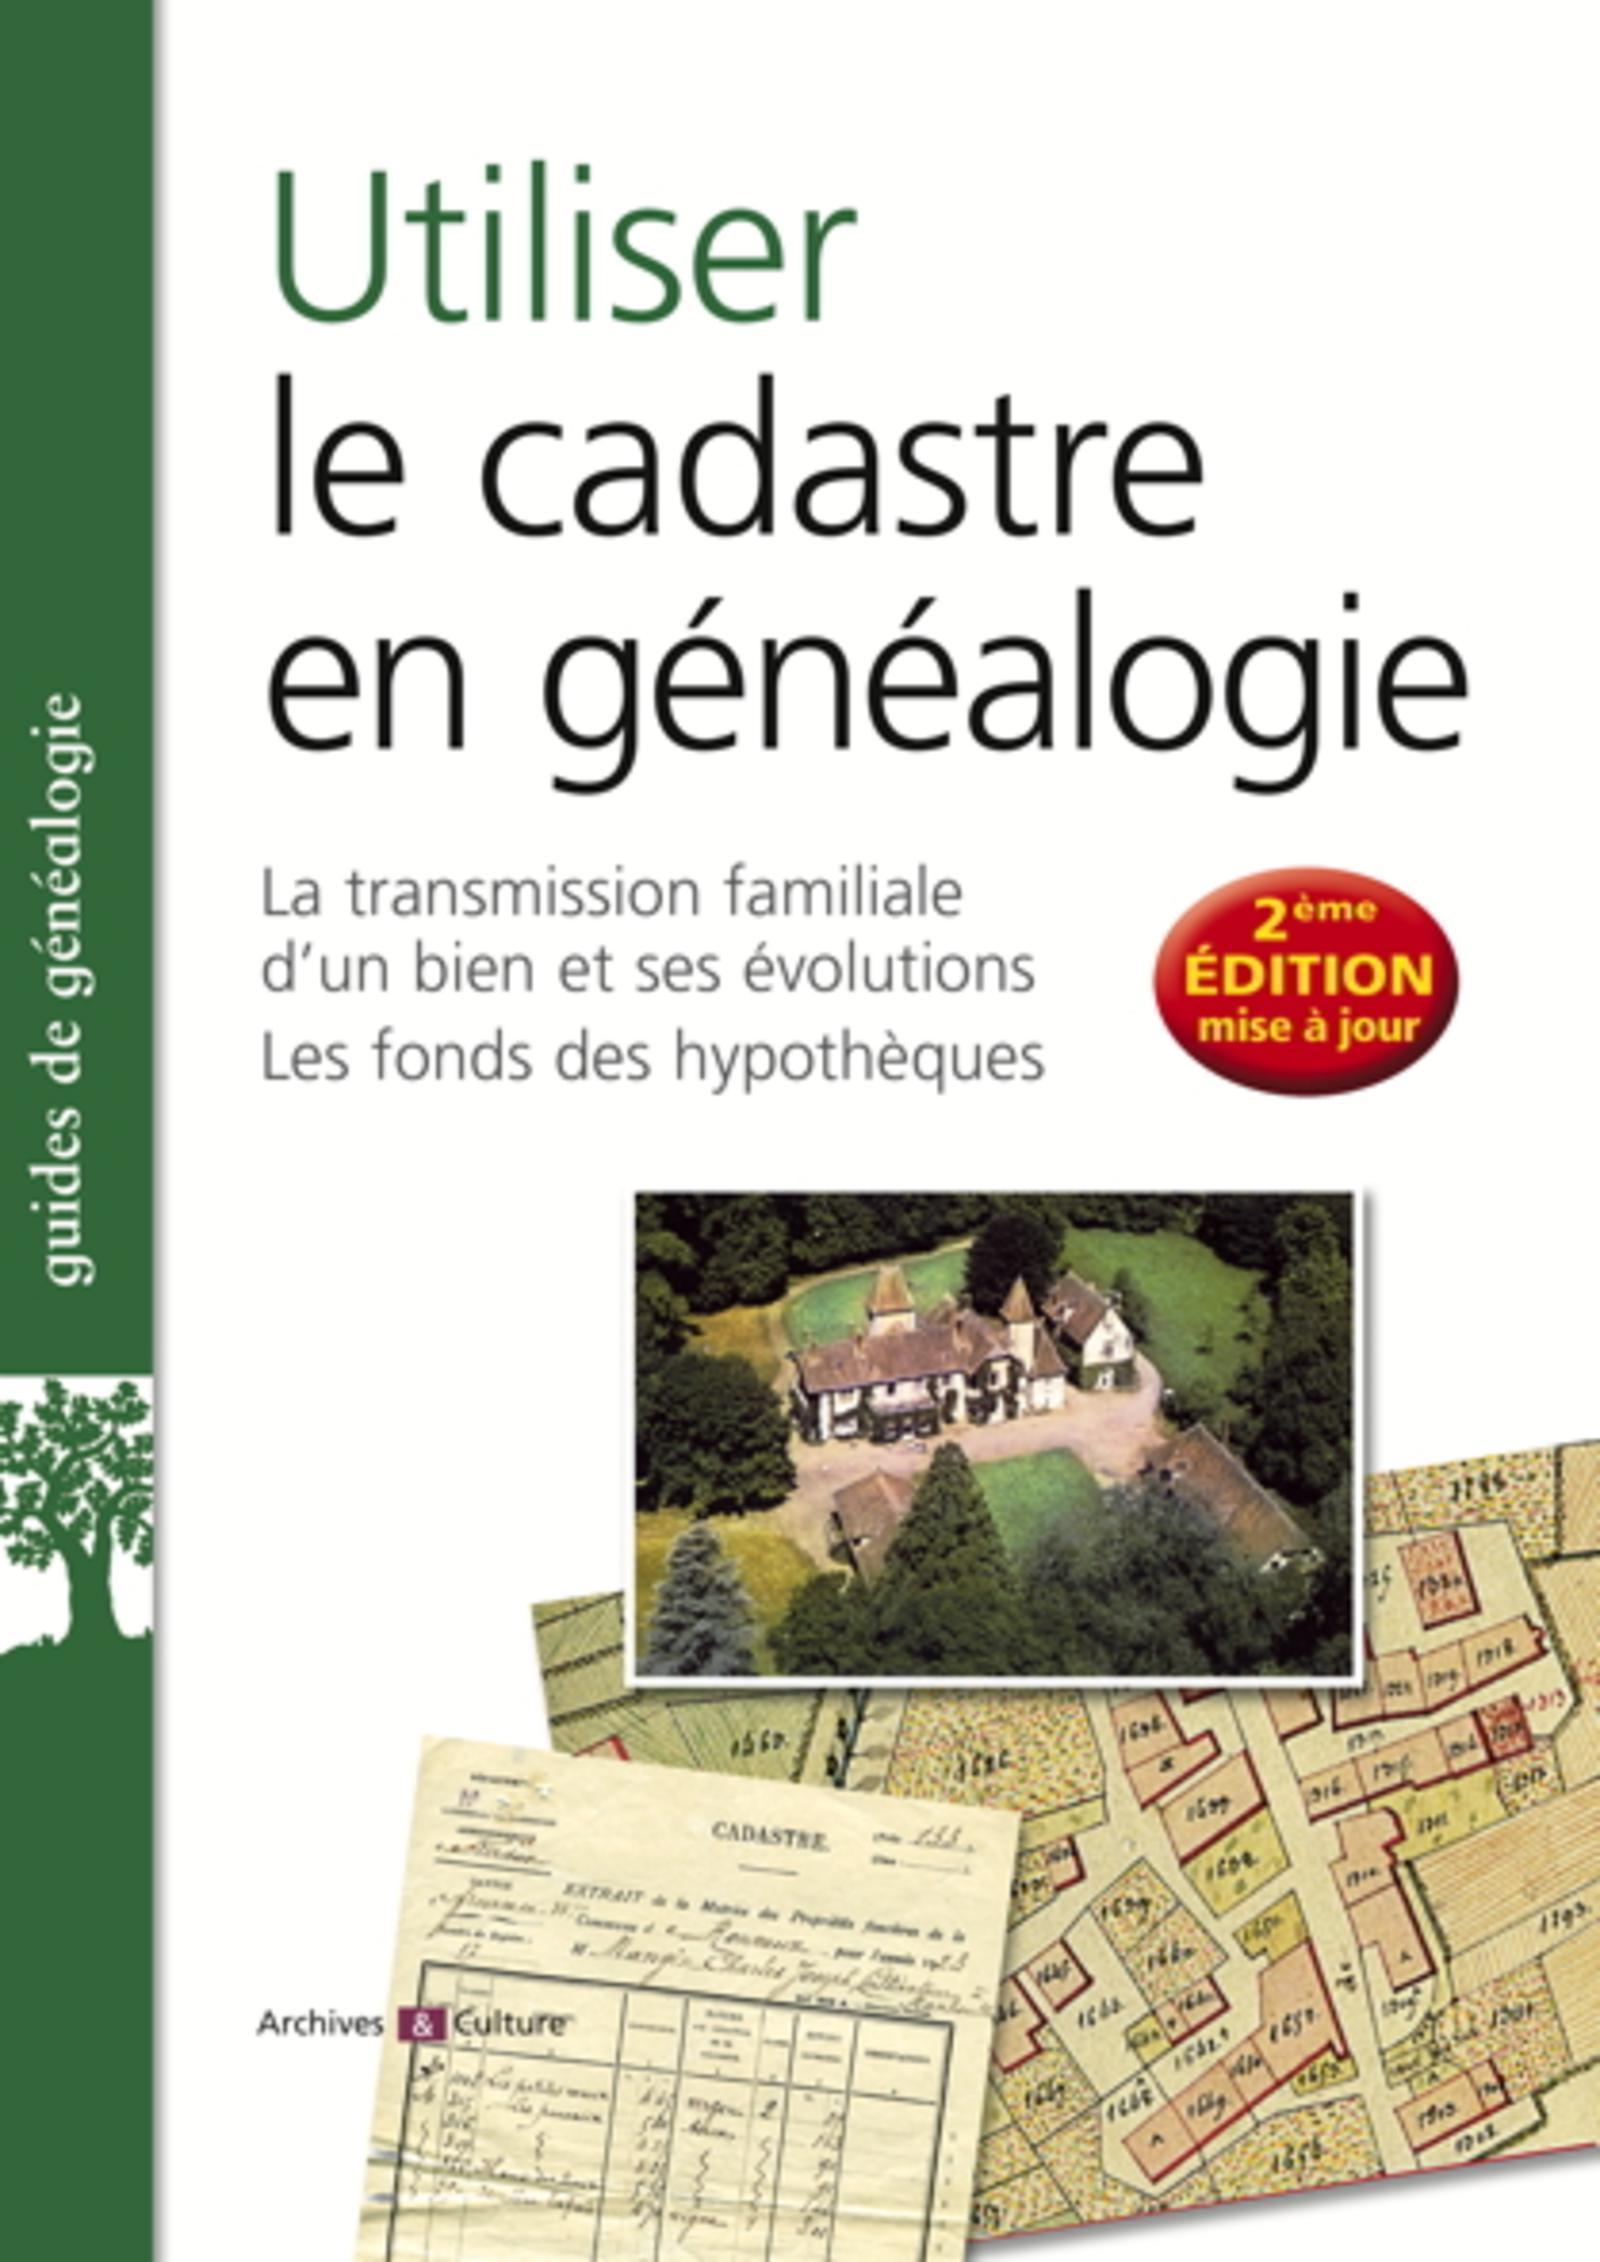 UTILISER LE CADASTRE EN GENEALOGIE - LA TRANSMISSION FAMILIALE D'UN BIEN ET EVOLUTIONS. LES FONDS DE